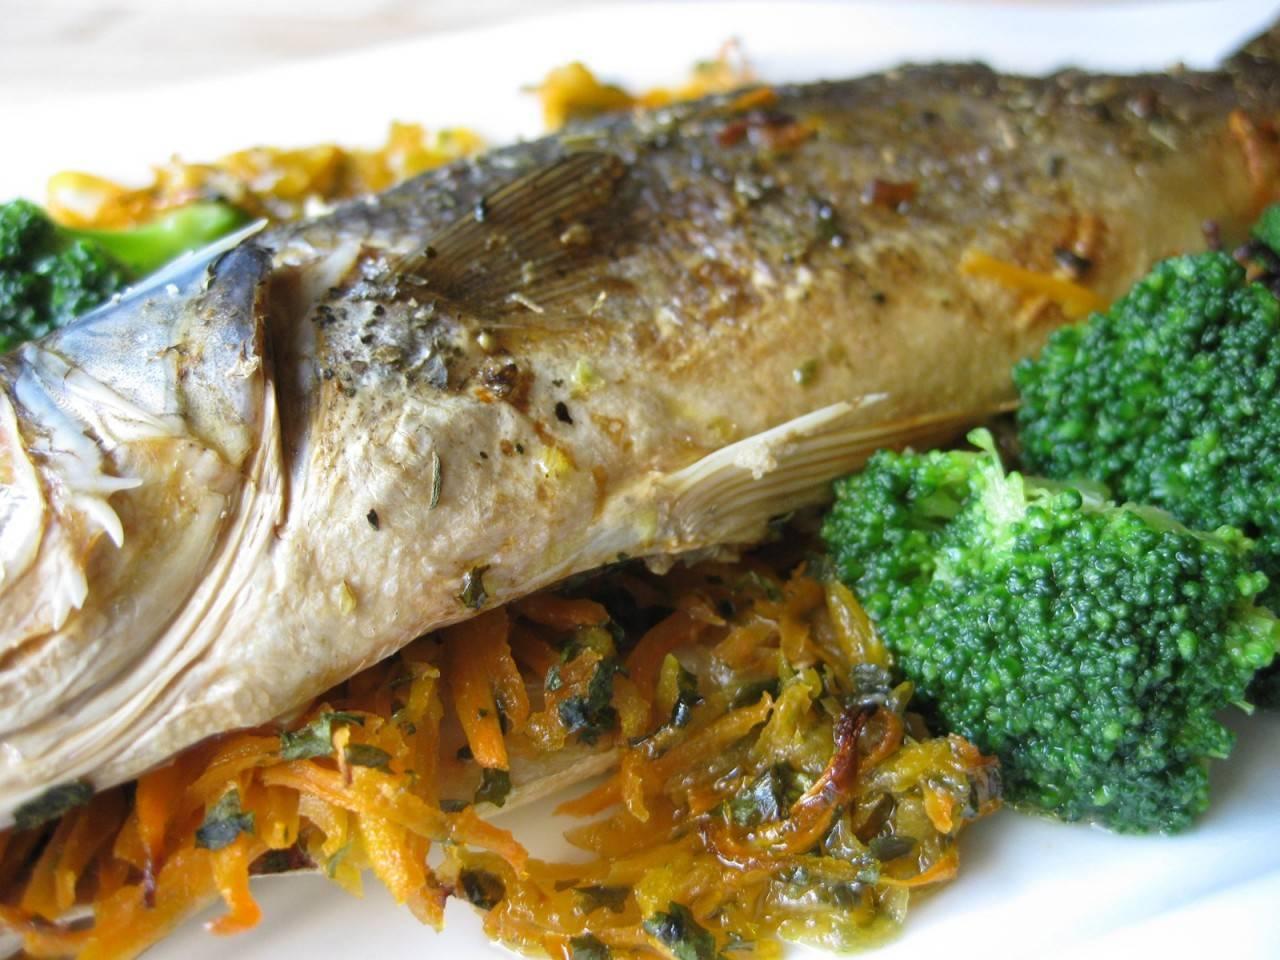 Как приготовить морского окуня в духовке? Простые и вкусные рецепты приготовления